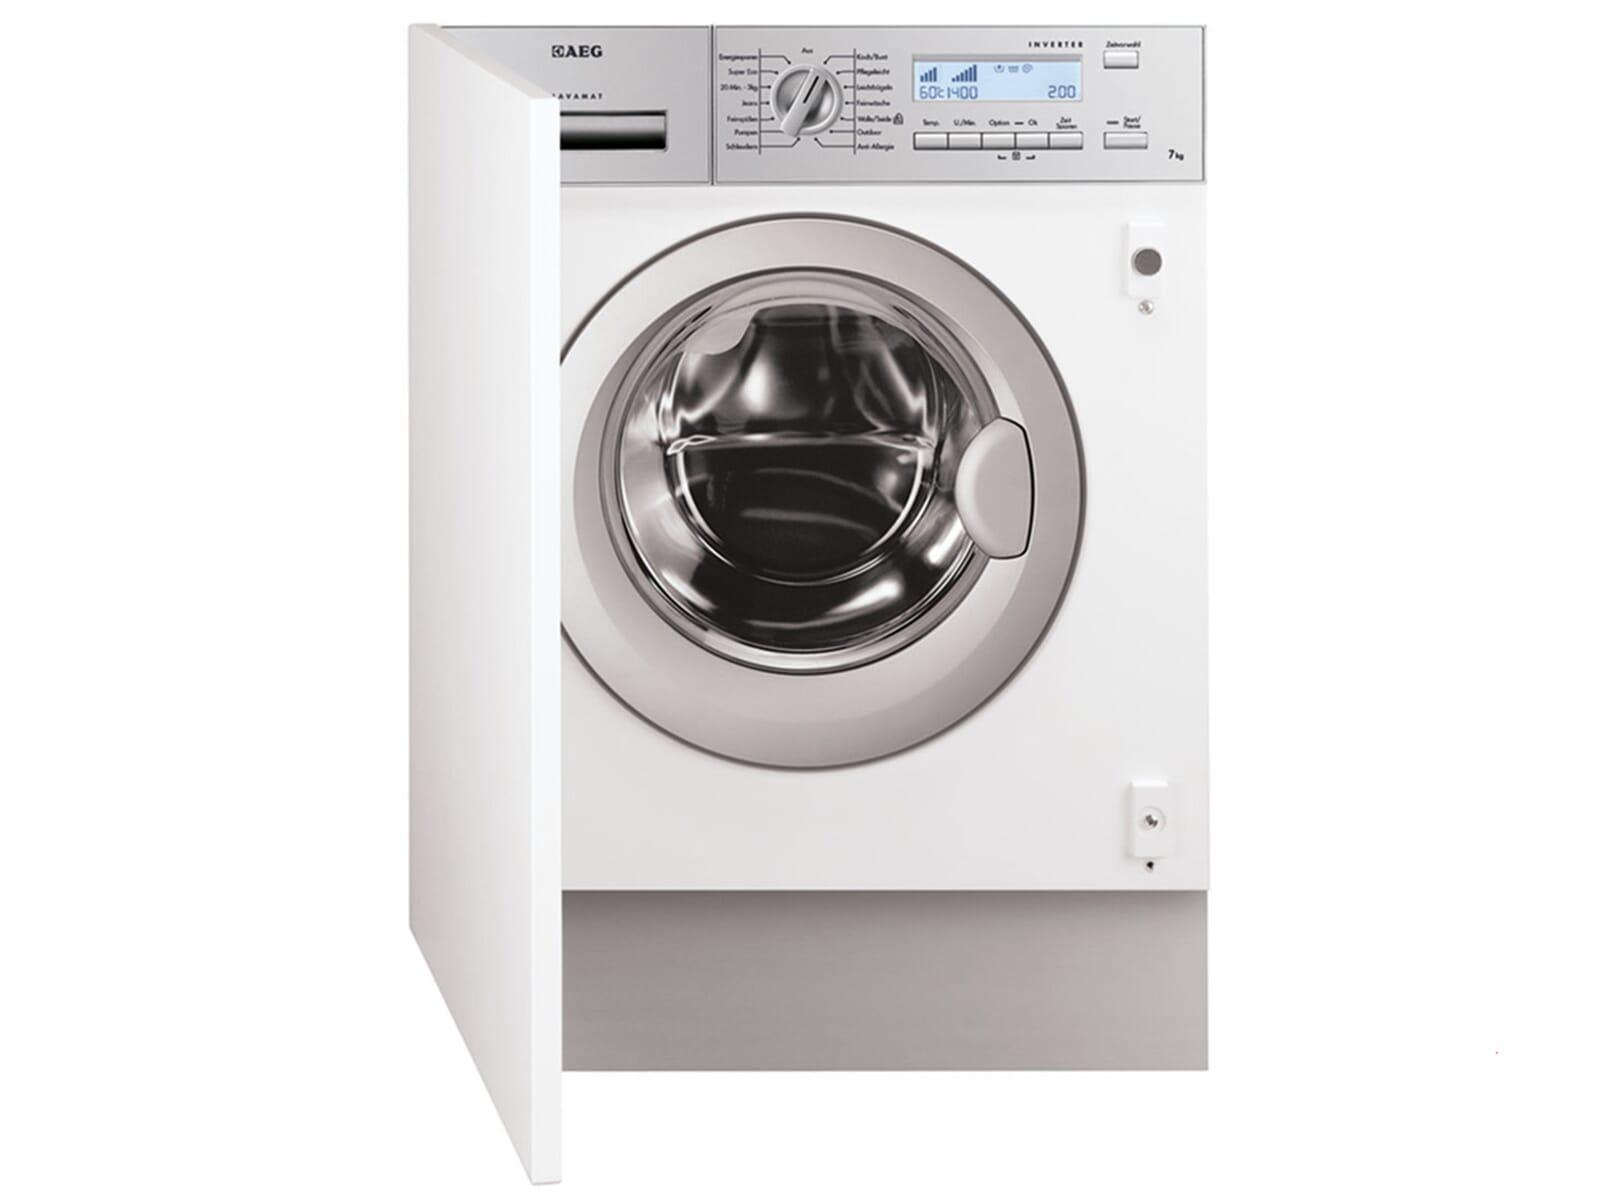 waschmaschine aeg inspirierendes design f r wohnm bel. Black Bedroom Furniture Sets. Home Design Ideas